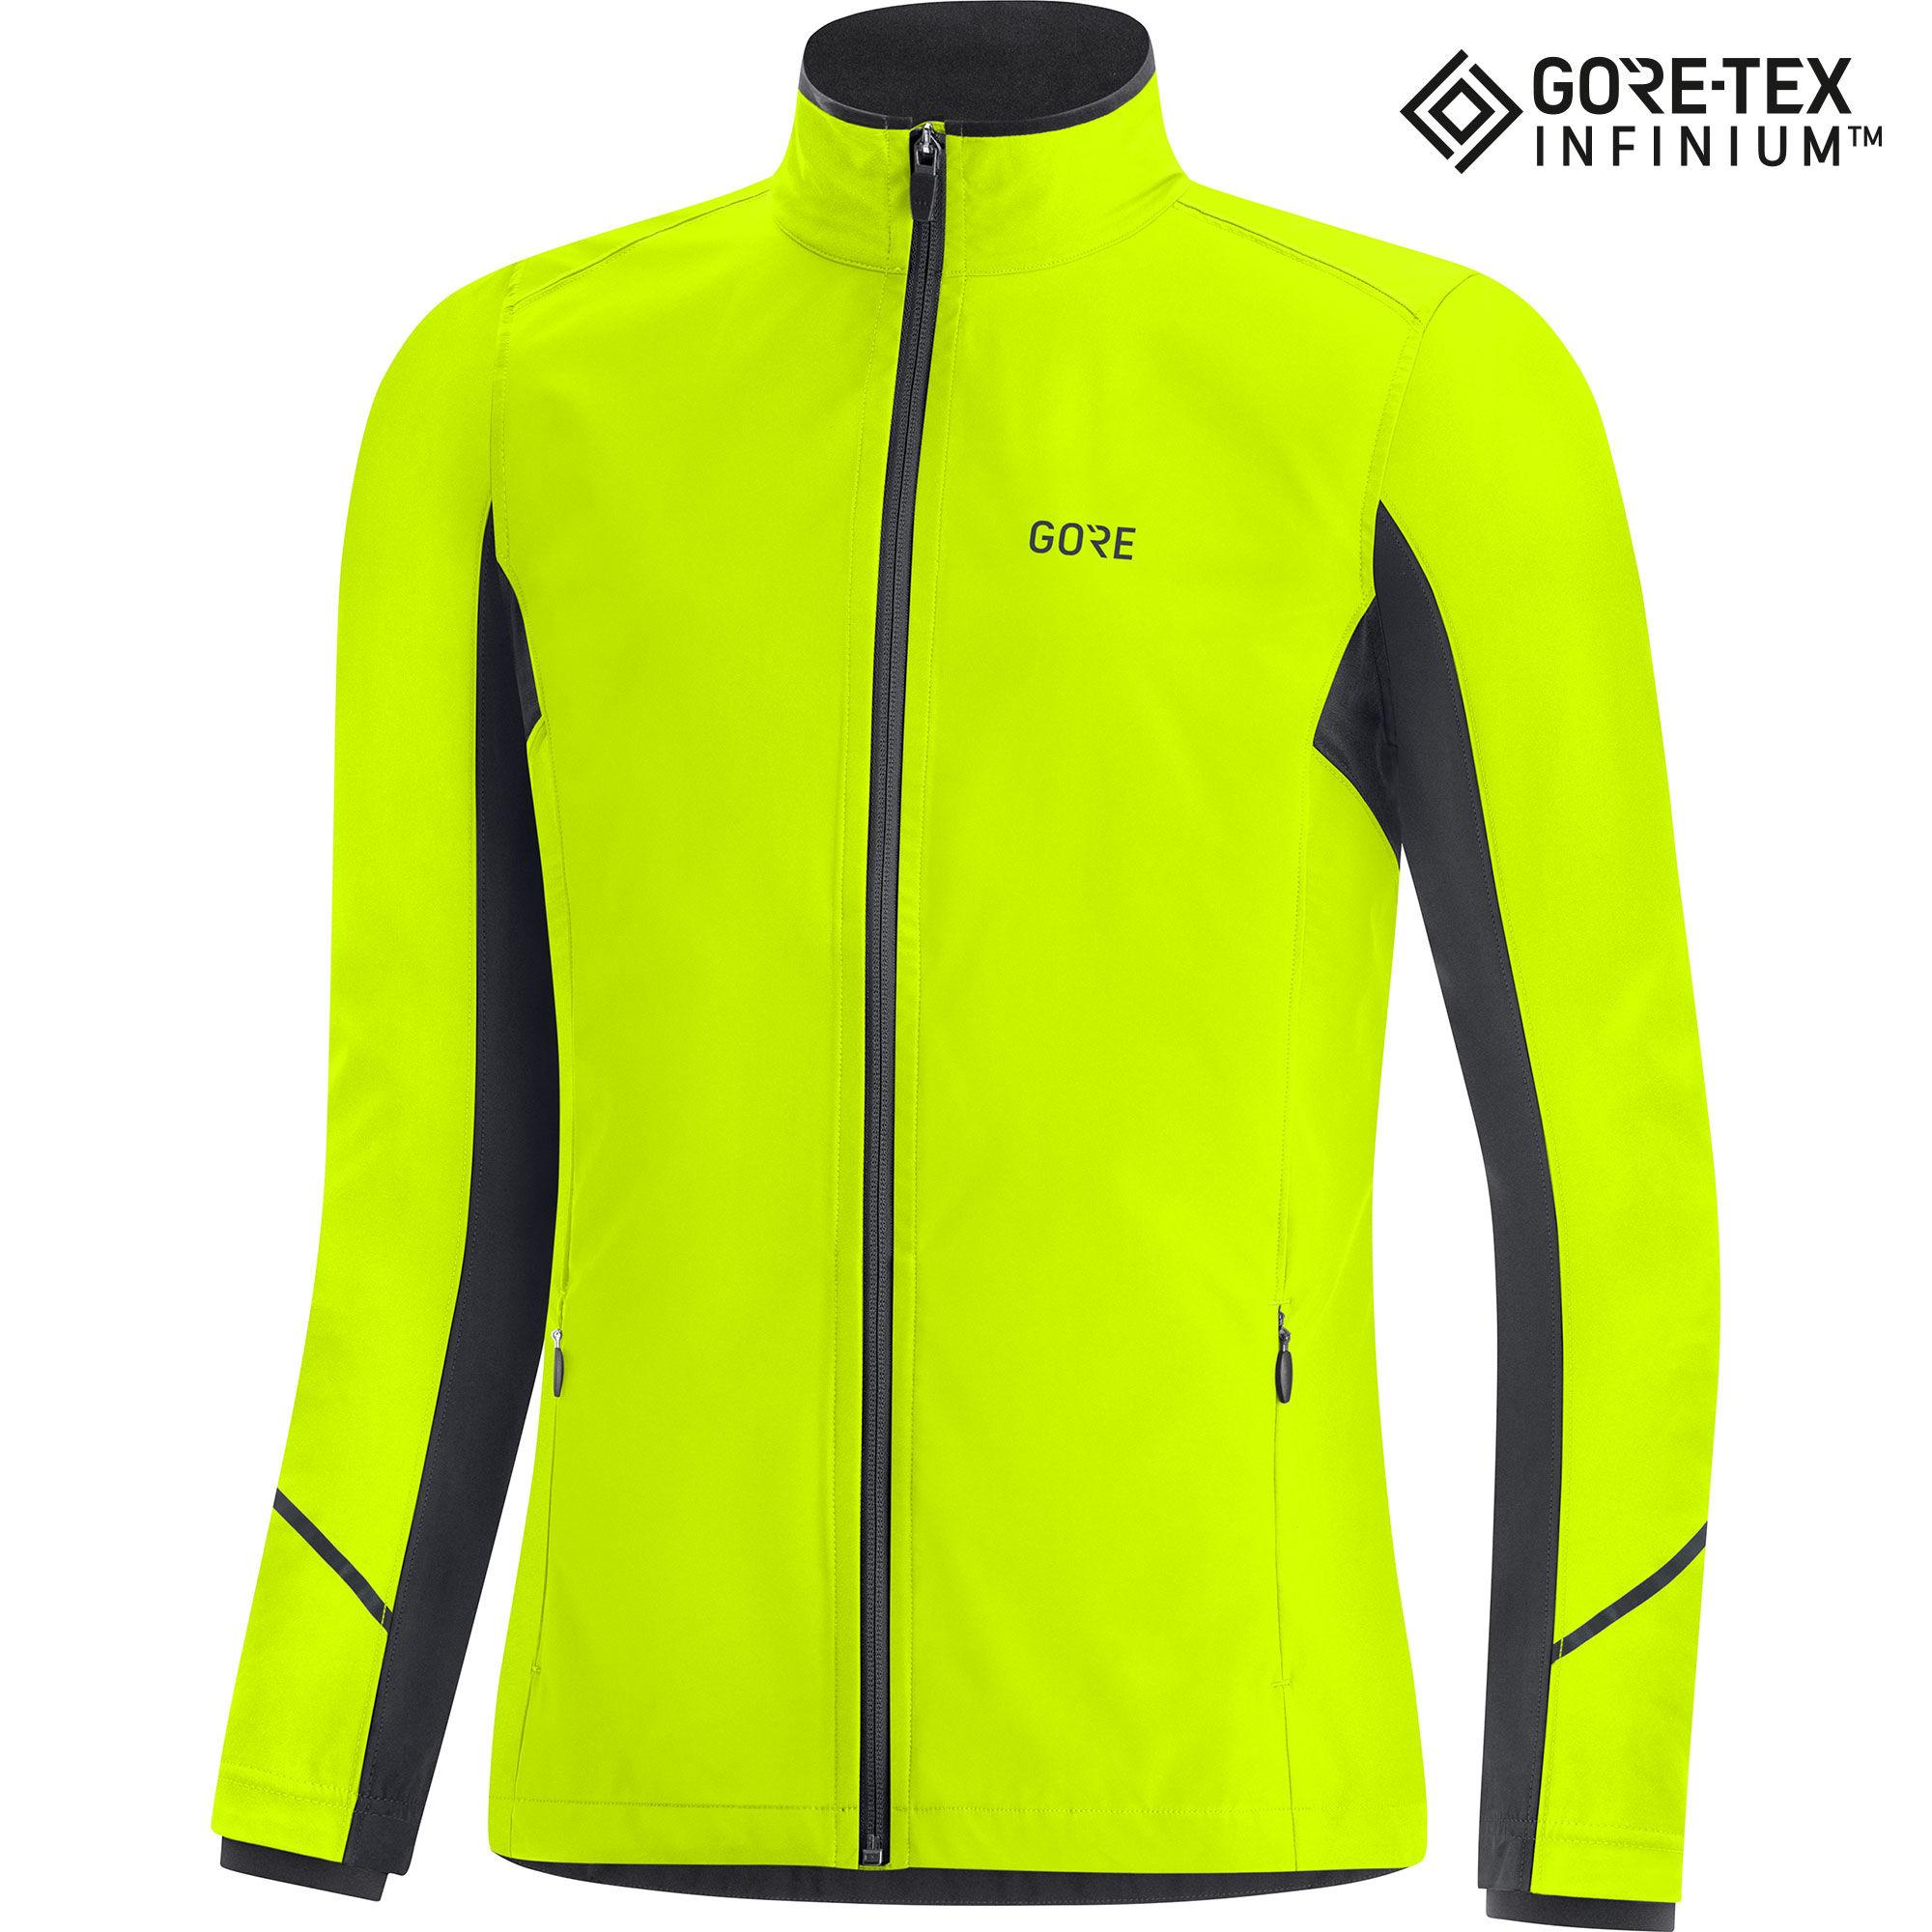 Gore Lady R3 Gore-Tex Infinium Partial Jacket (Neongelb)